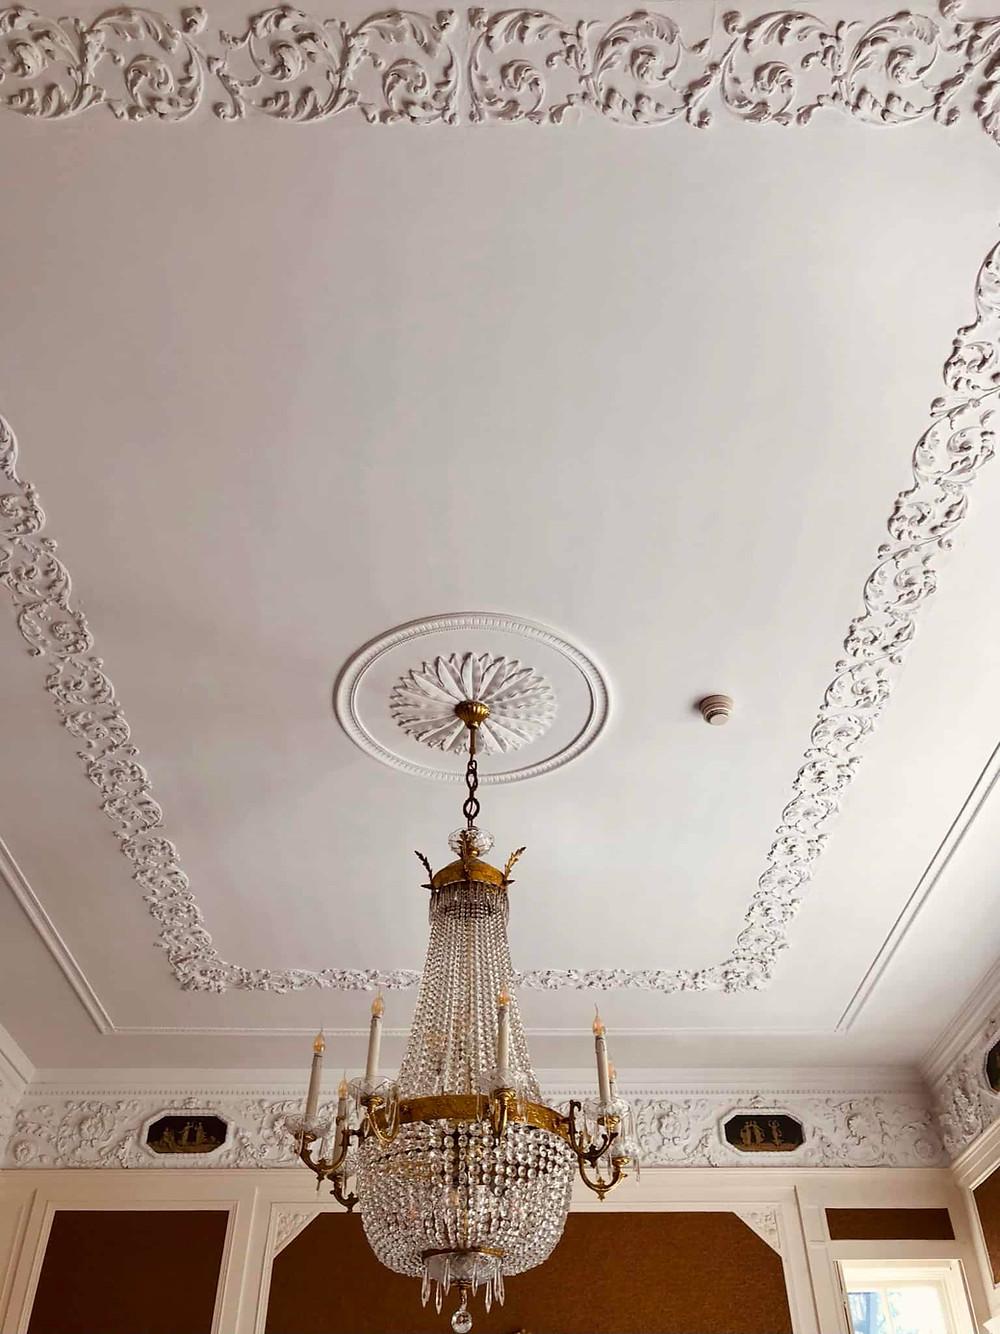 Duin & Kruidberg Hotel ceilings Santpoort-Noord-Netherlands